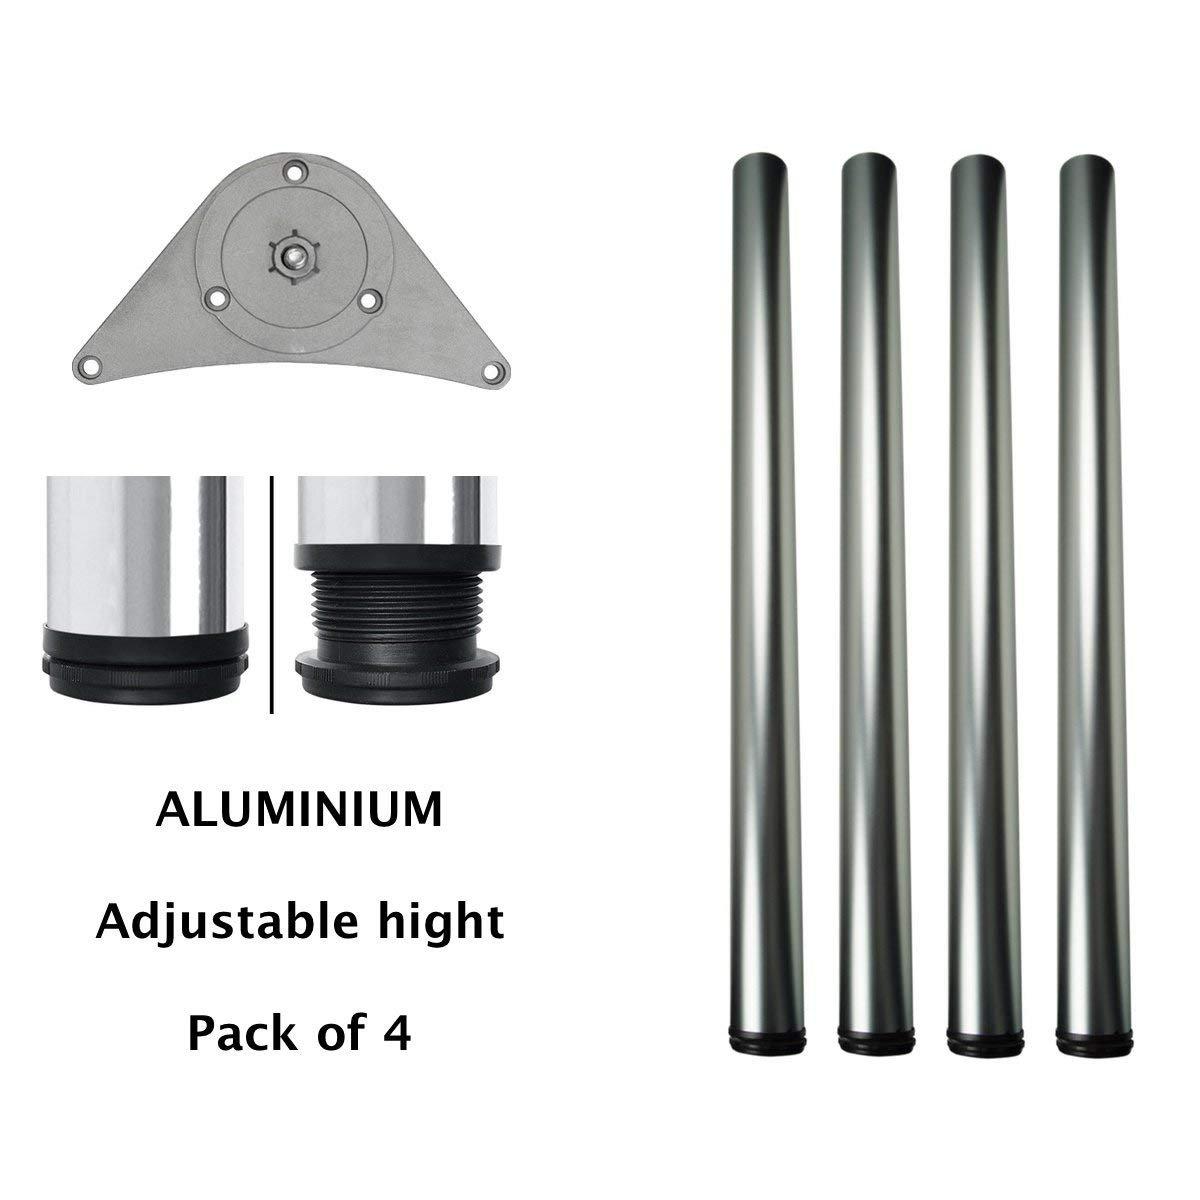 MKGT/® Tischbeine H/öhenverstellbar Set: 4 St/ück Einstellbar +2.5cm Design: Aluminium // Silber H/öhe: 87 cm 870 mm Montagezubeh/ör inklusive